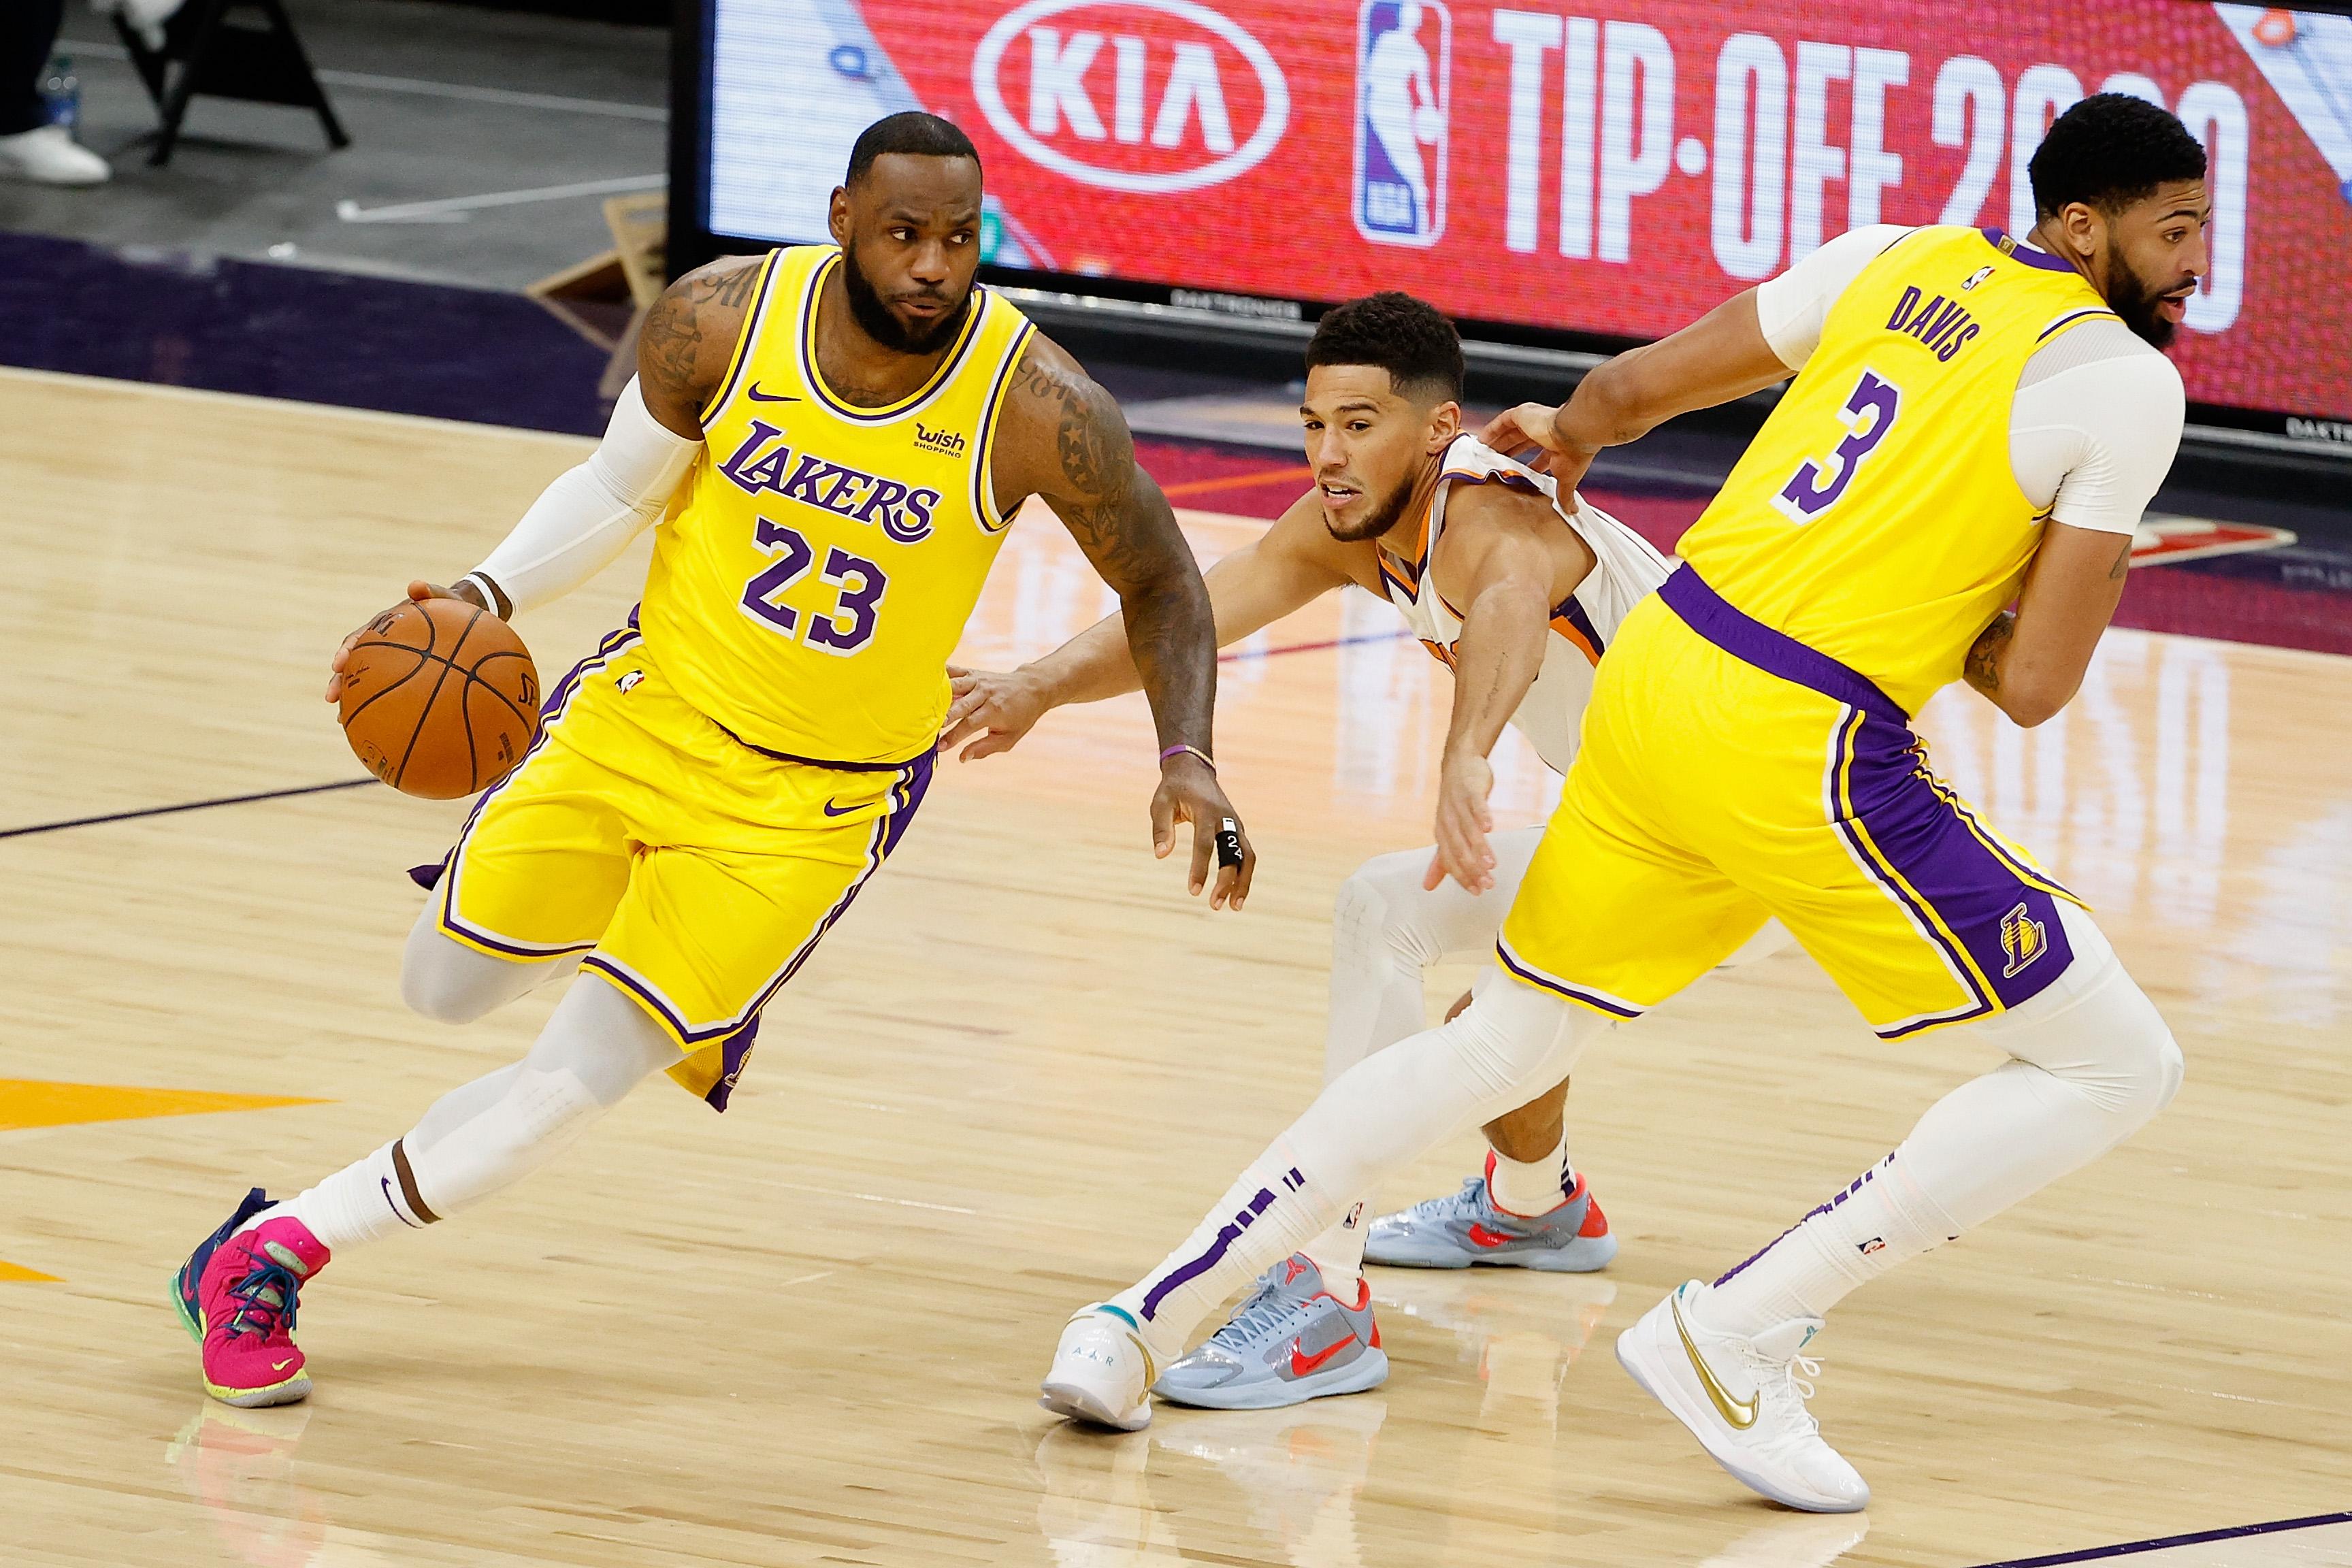 2020年12月18日,美国亚利桑那州菲尼克斯,洛杉矶湖人队勒布朗·詹姆斯在NBA季前赛上半场安东尼·戴维斯挡下了菲尼克斯太阳队的德文·布克。